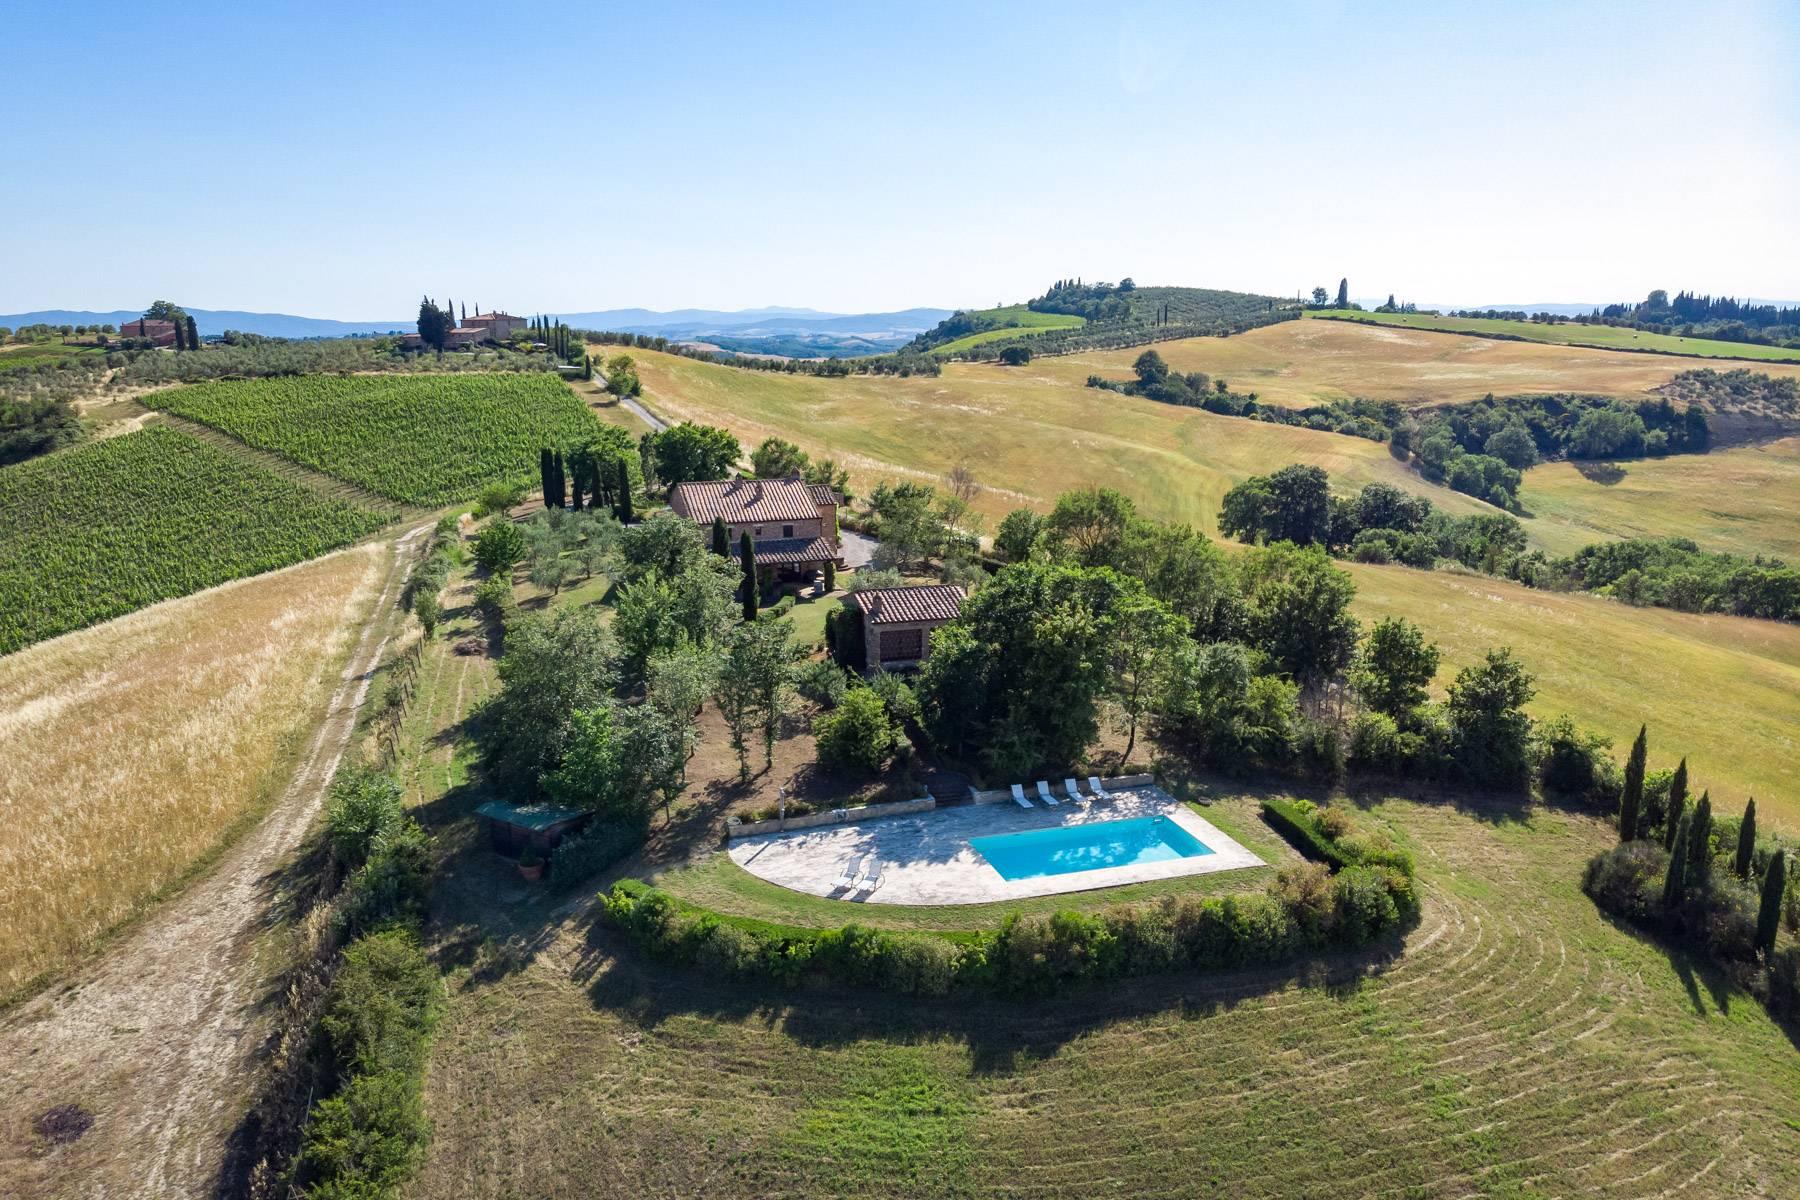 Villa in Vendita a Asciano: 5 locali, 430 mq - Foto 3